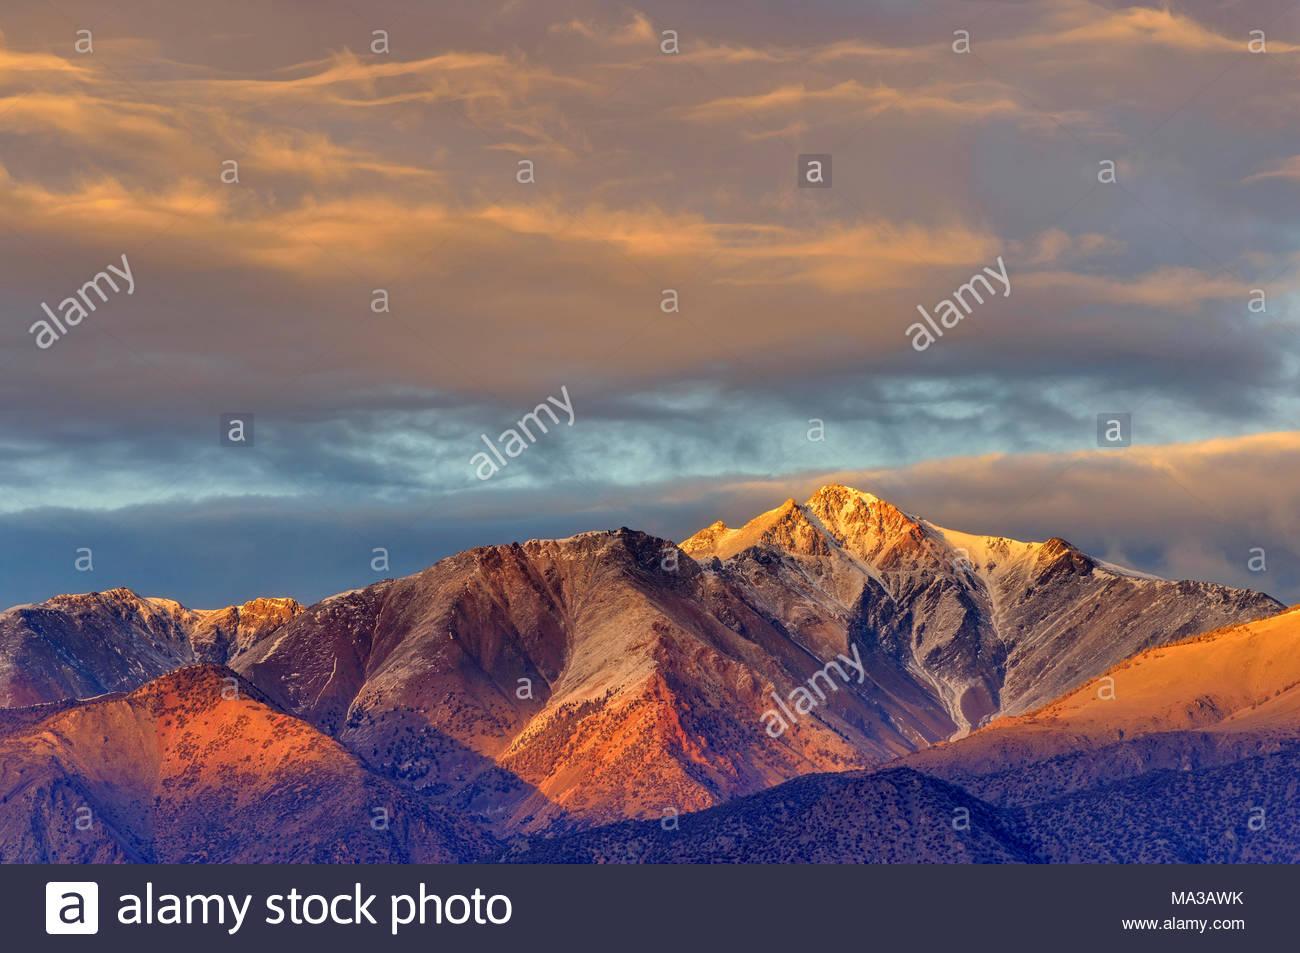 La montaña blanca de la meseta volcánica, Inyo National Forest, Inyo County, Caifornia Imagen De Stock